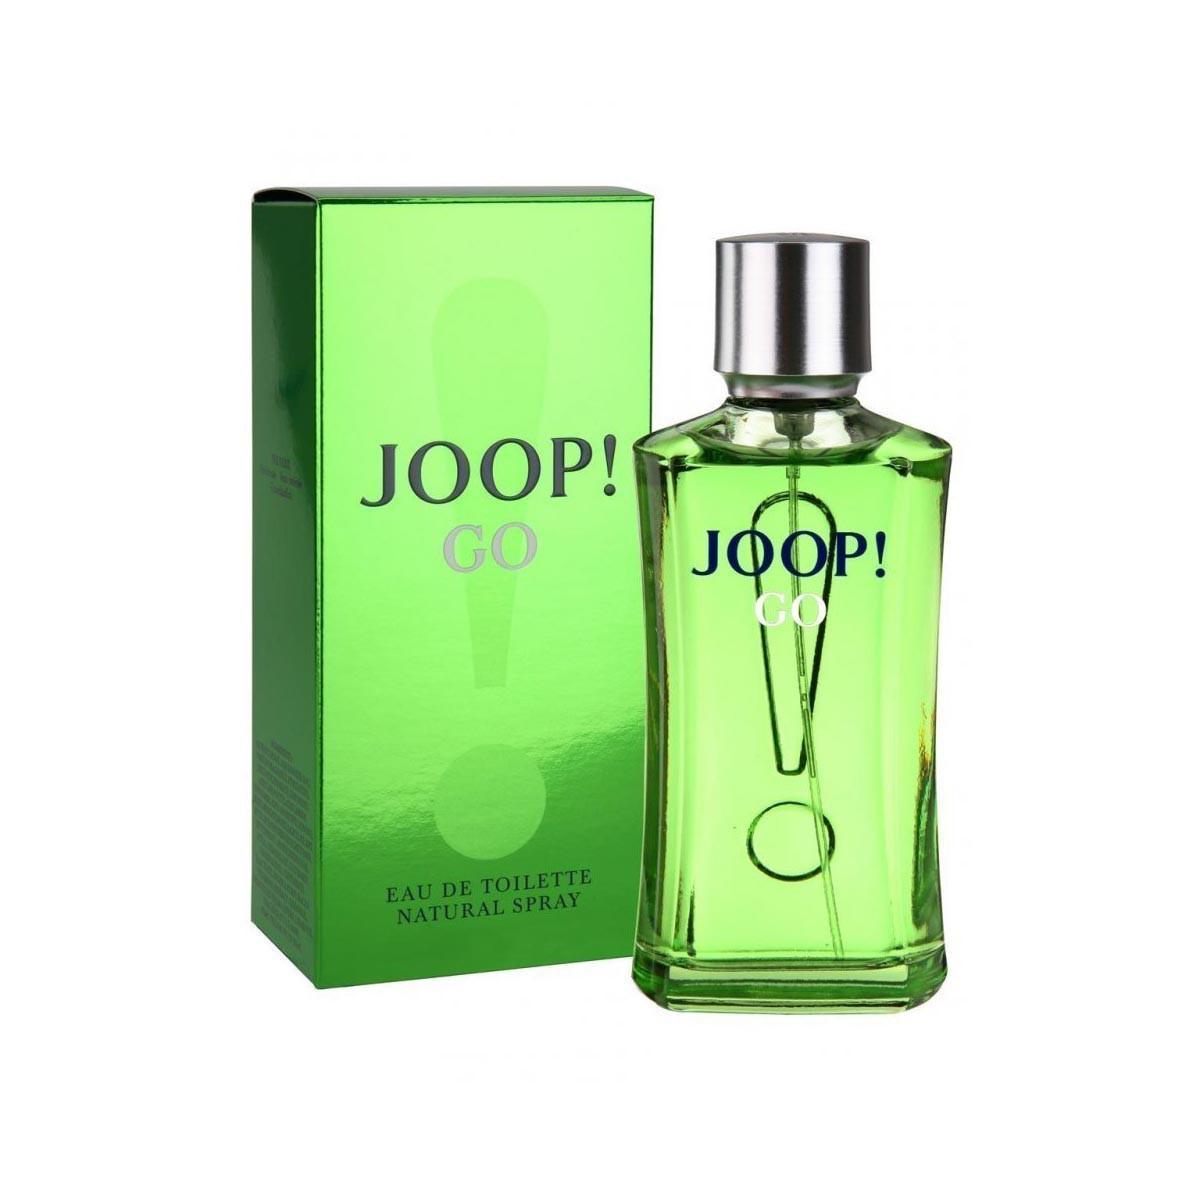 Joop Go Eau De Toilette 200ml One Size